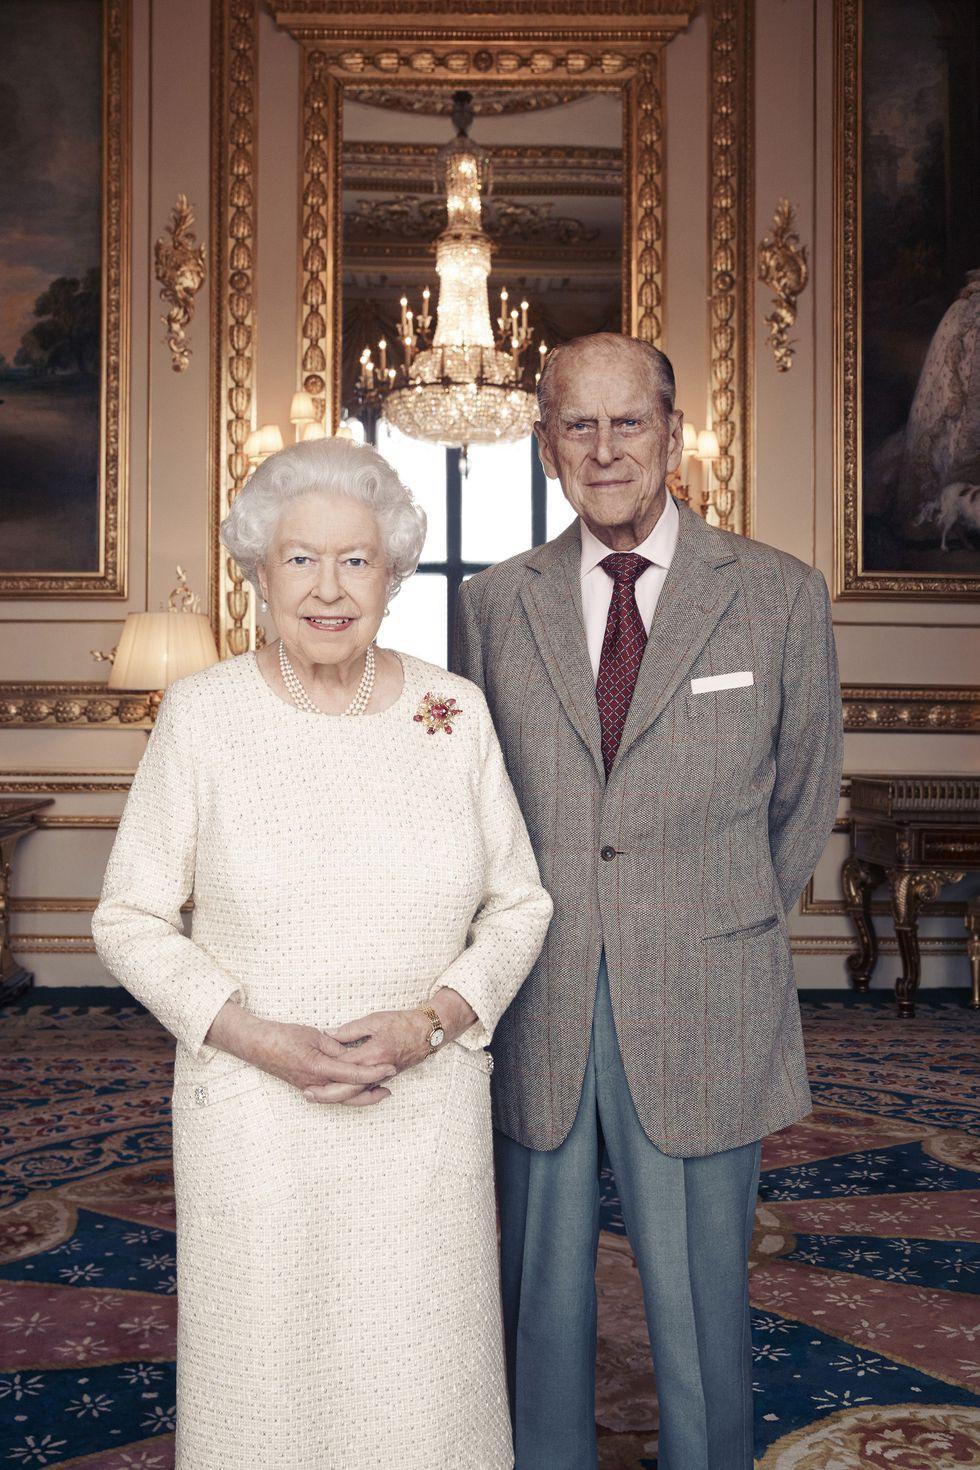 Xem 25 bức ảnh chân dung của Hoàng gia Anh, bạn sẽ hiểu thêm về 8 thế hệ của gia đình quyền lực này - Ảnh 21.